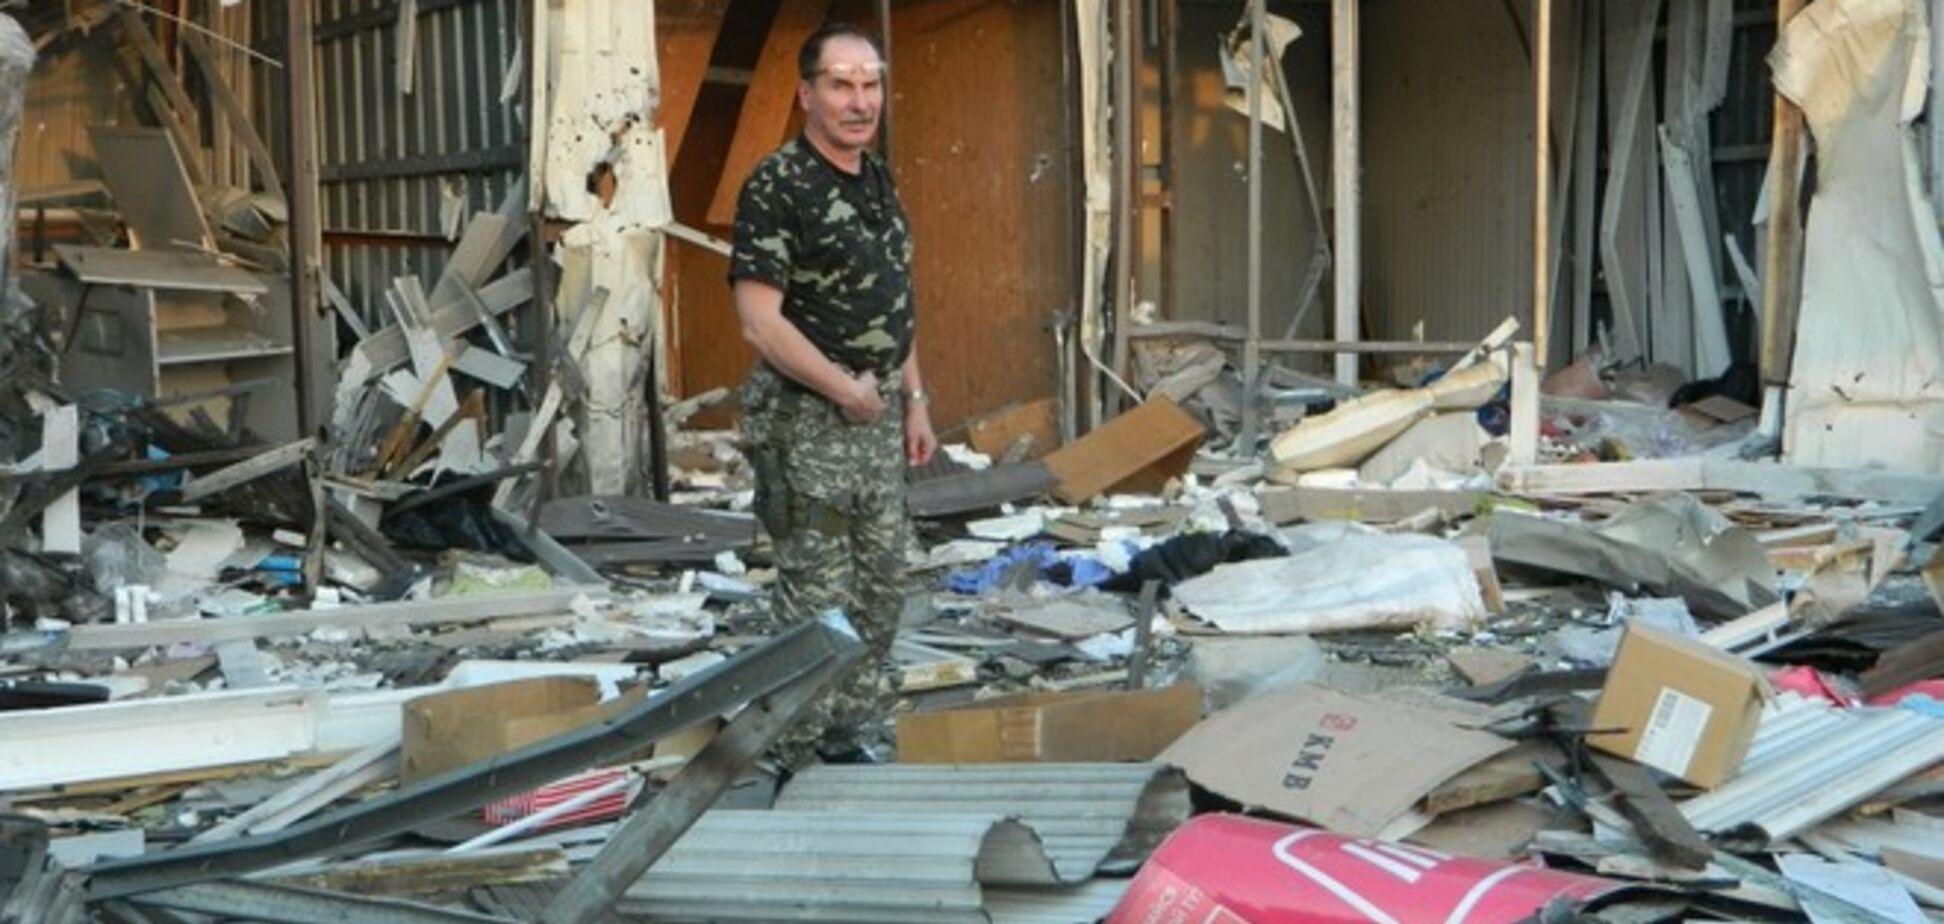 Обстрелы Донецка продолжаются: за сутки погибли трое мирных жителей